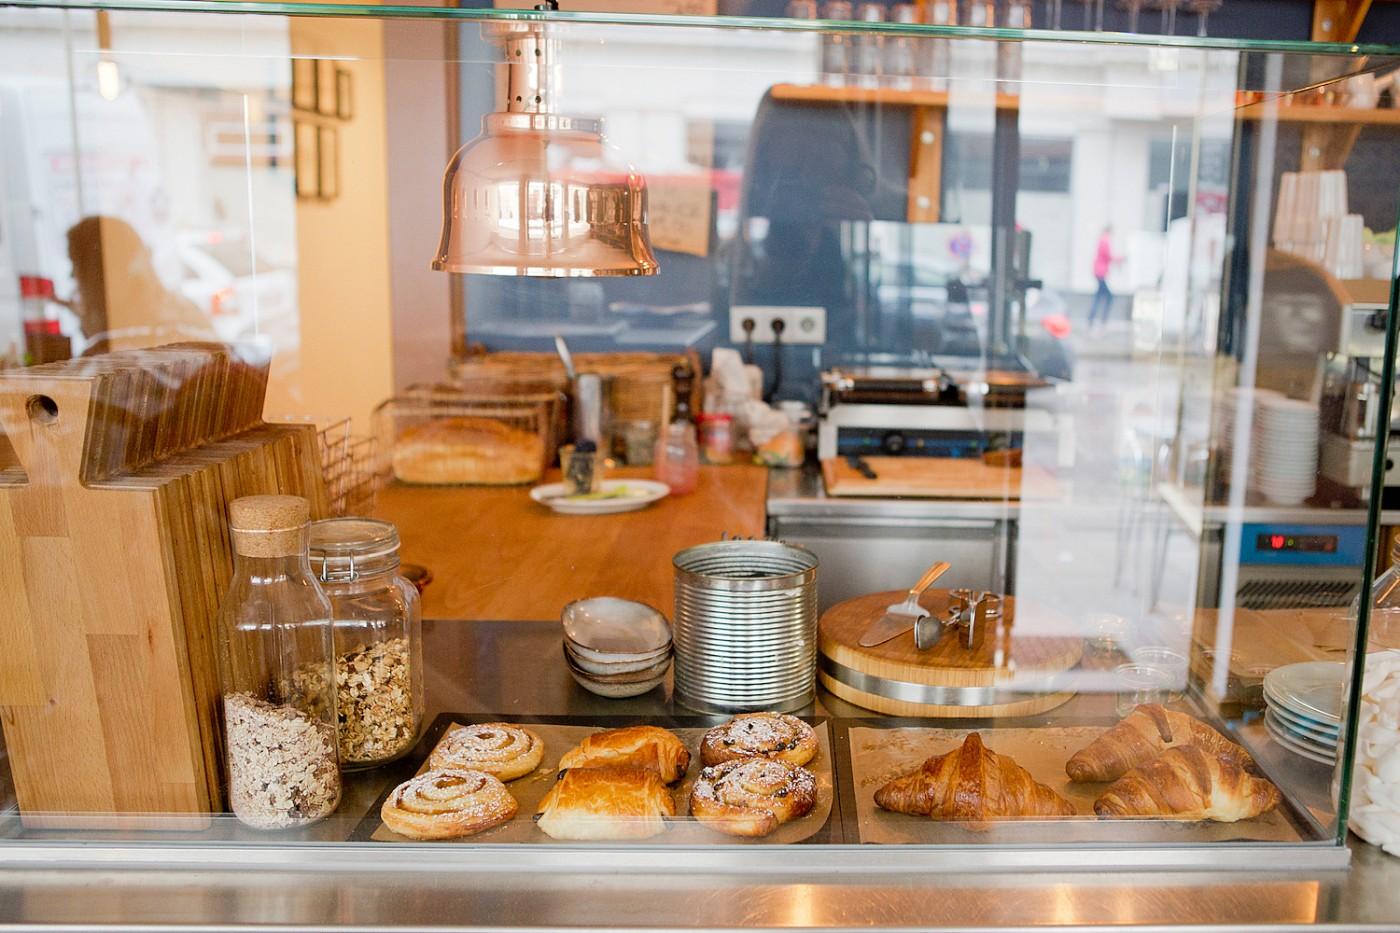 das tagescafé schwabing _ tagescafé hohenzollernstraße _ frühstücken münchen _ münchen essen _ cafés münchen